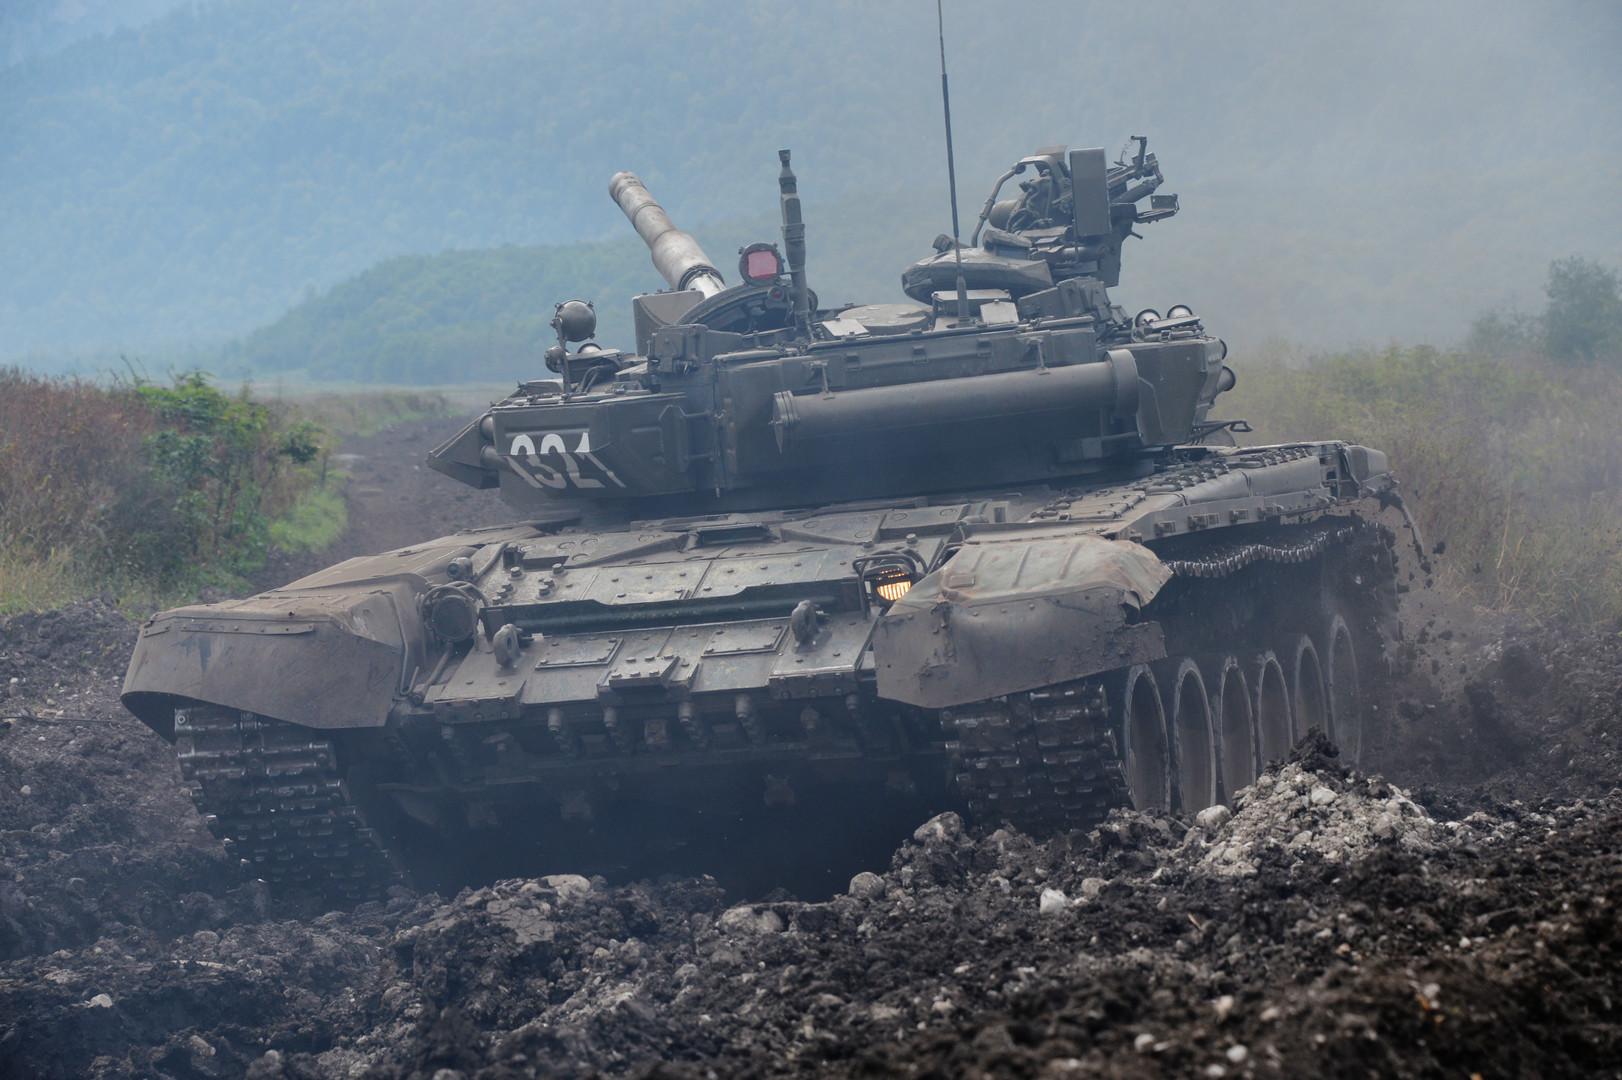 Танки берут рынки: чем объясняется желание стран Азии закупать у России оружие